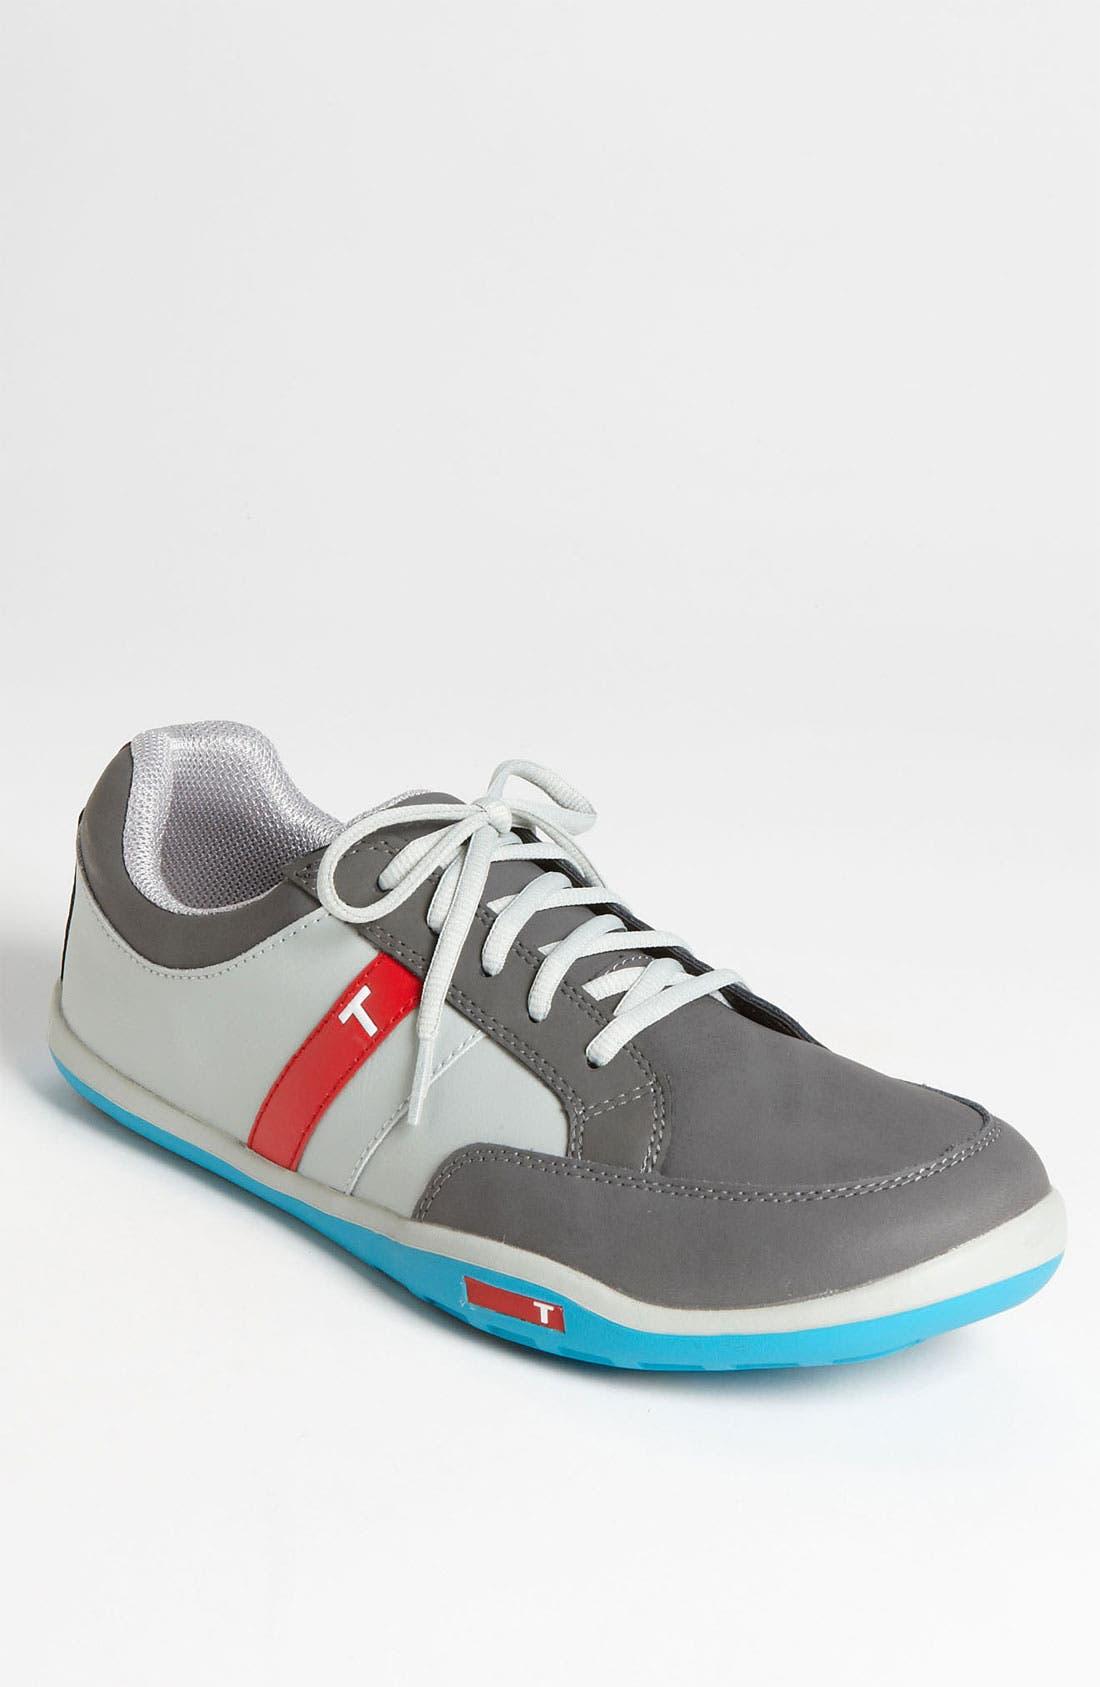 Alternate Image 1 Selected - TRUE linkswear 'TRUE phx' Golf Shoe (Men)